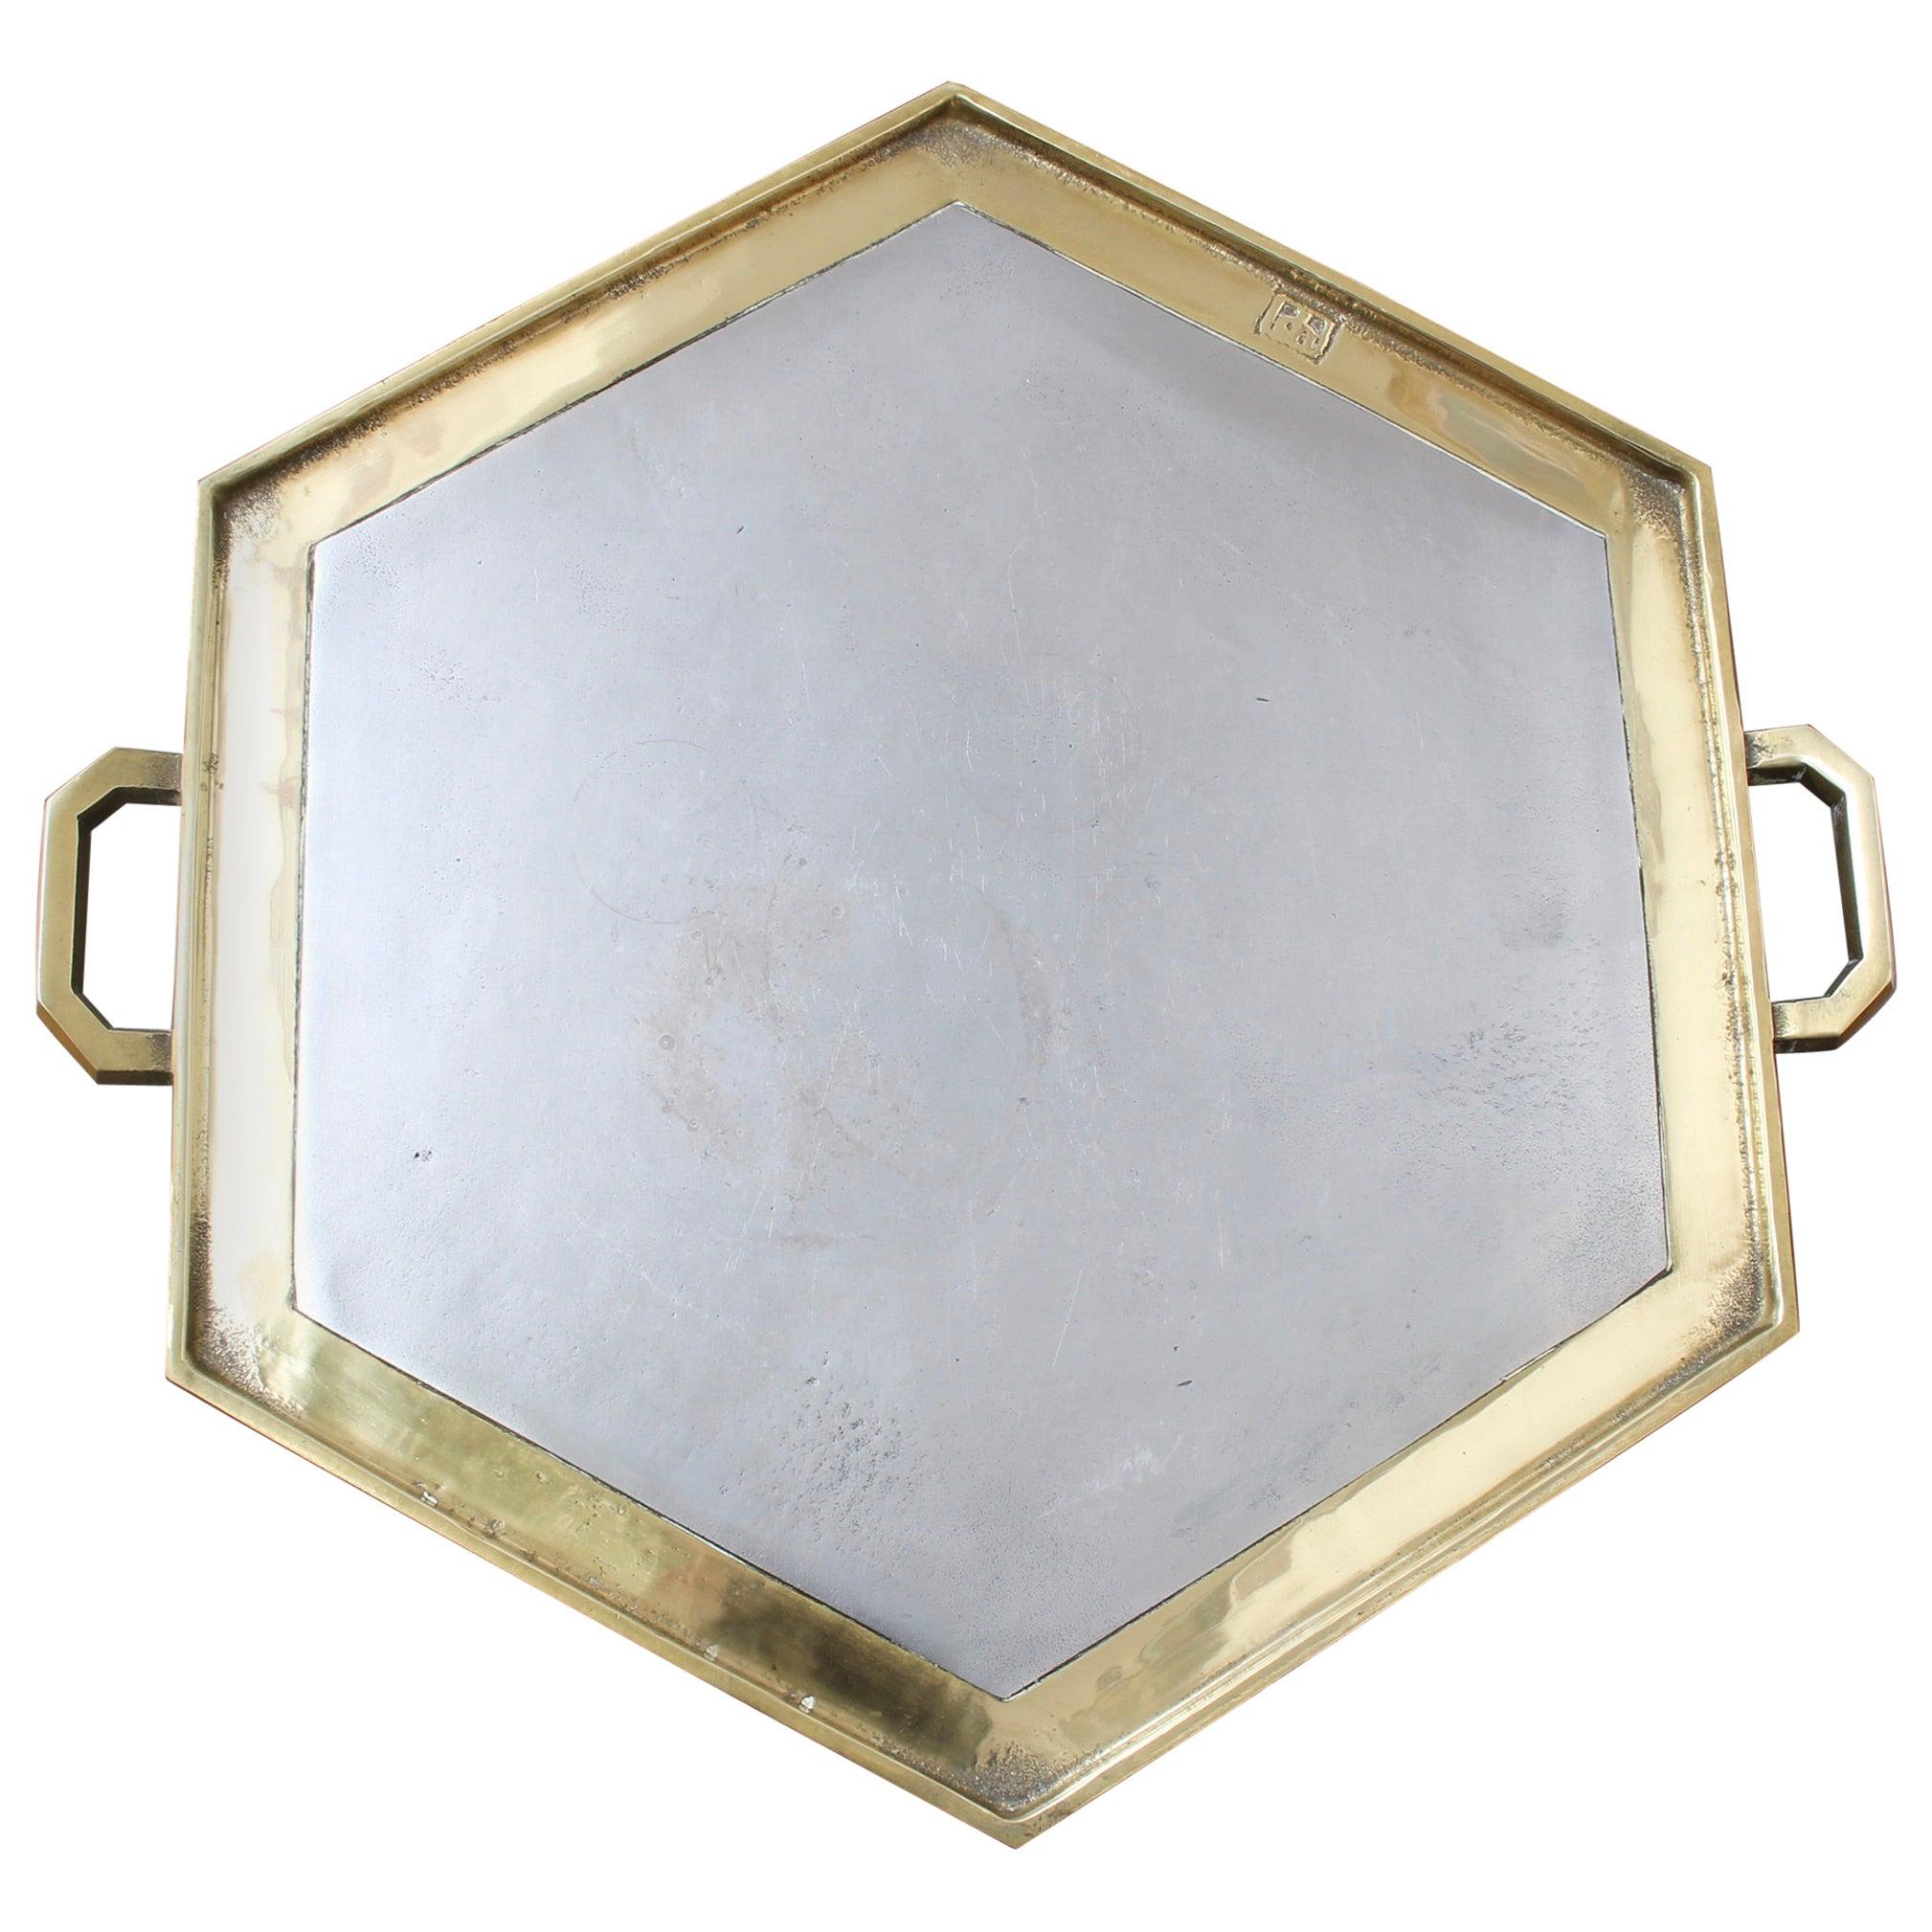 Aluminium and Brass Hexagon-Shaped Serving Tray by David Marshall, circa 1970s